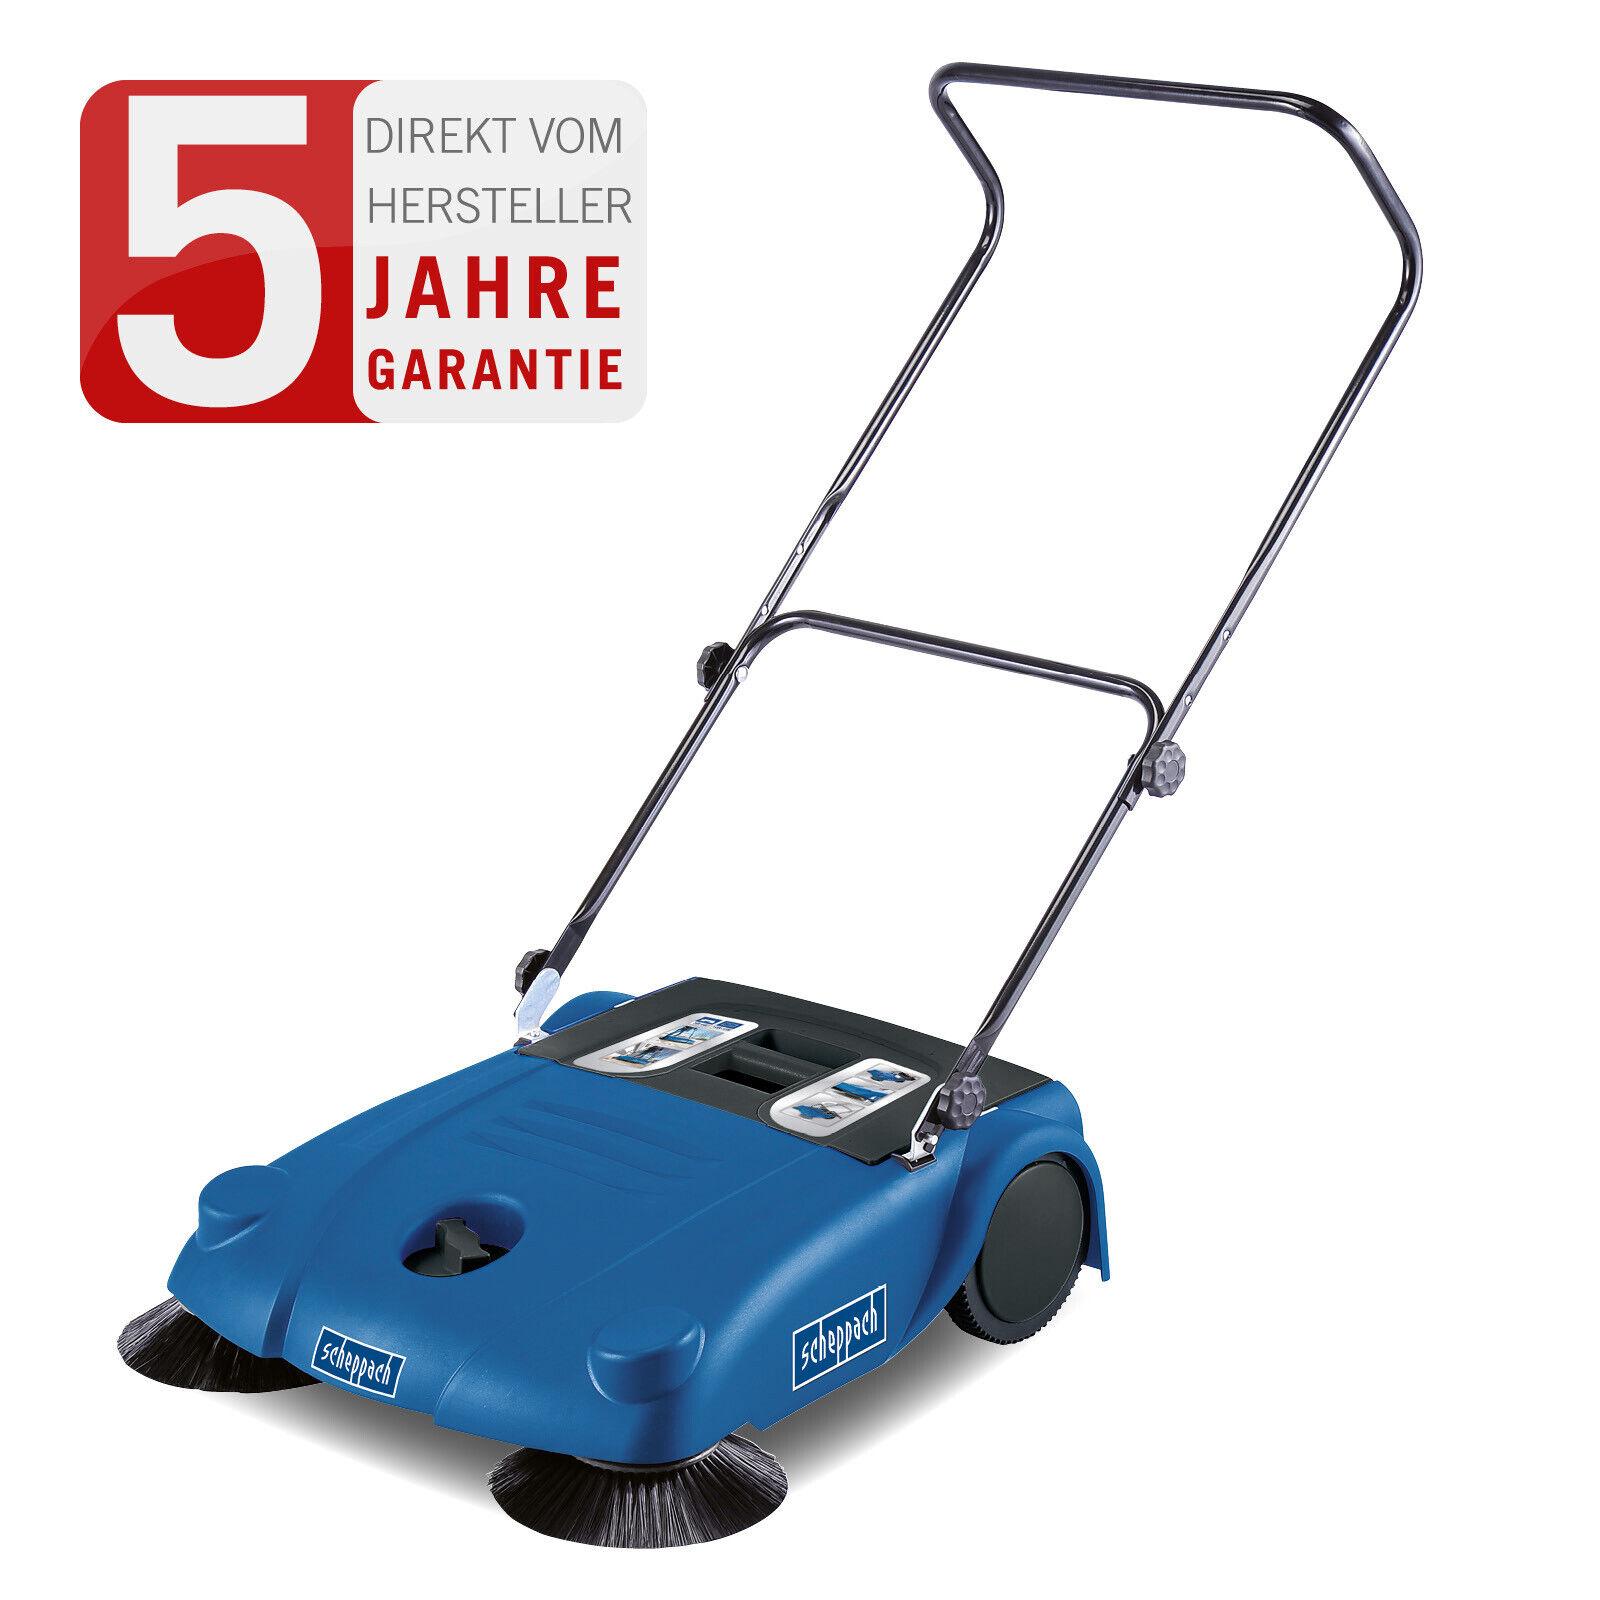 scheppach Kehrmaschine S700 Handkehrer Kehrer Handkehrmaschine 700mm Räumbreite